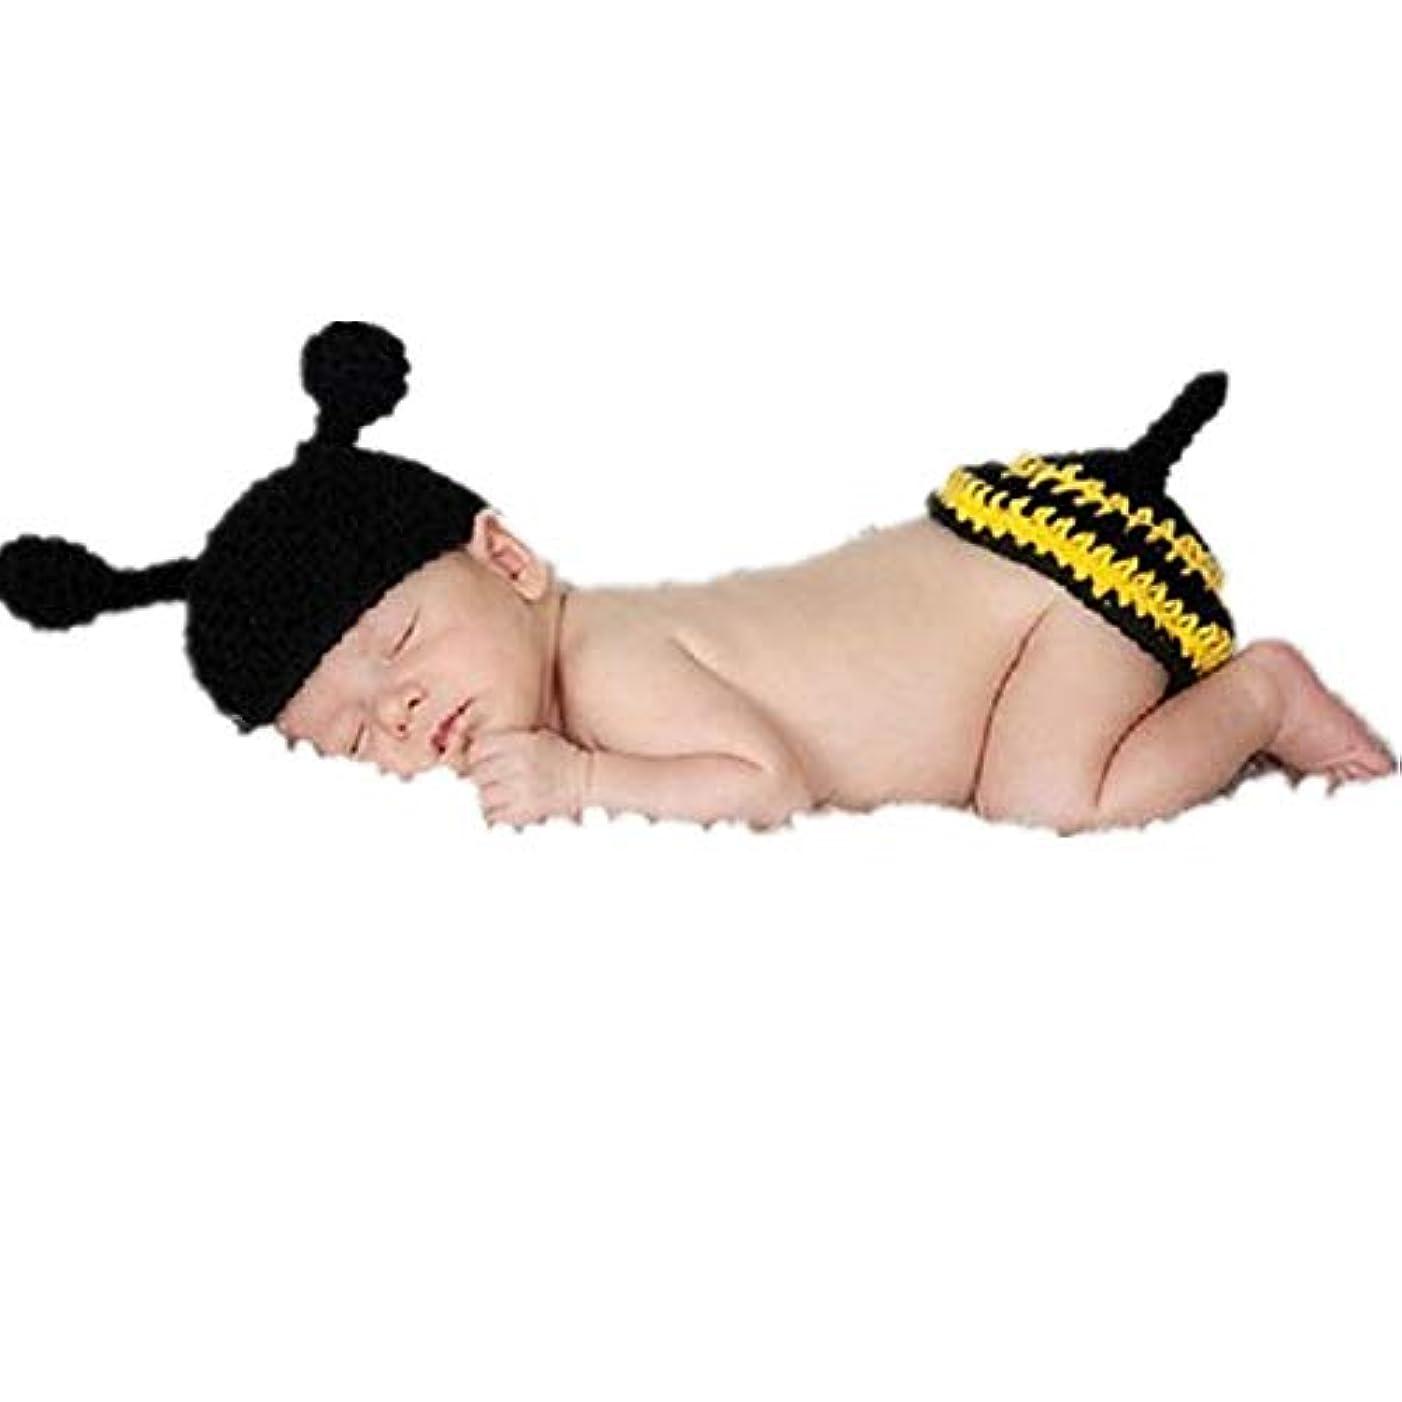 からに変化する一掃する炭水化物ベビー用着ぐるみ コスチューム ハンドメイドキャップ 寝相アート ビーの扮装 ハット 出産祝い バースデー 記念撮影